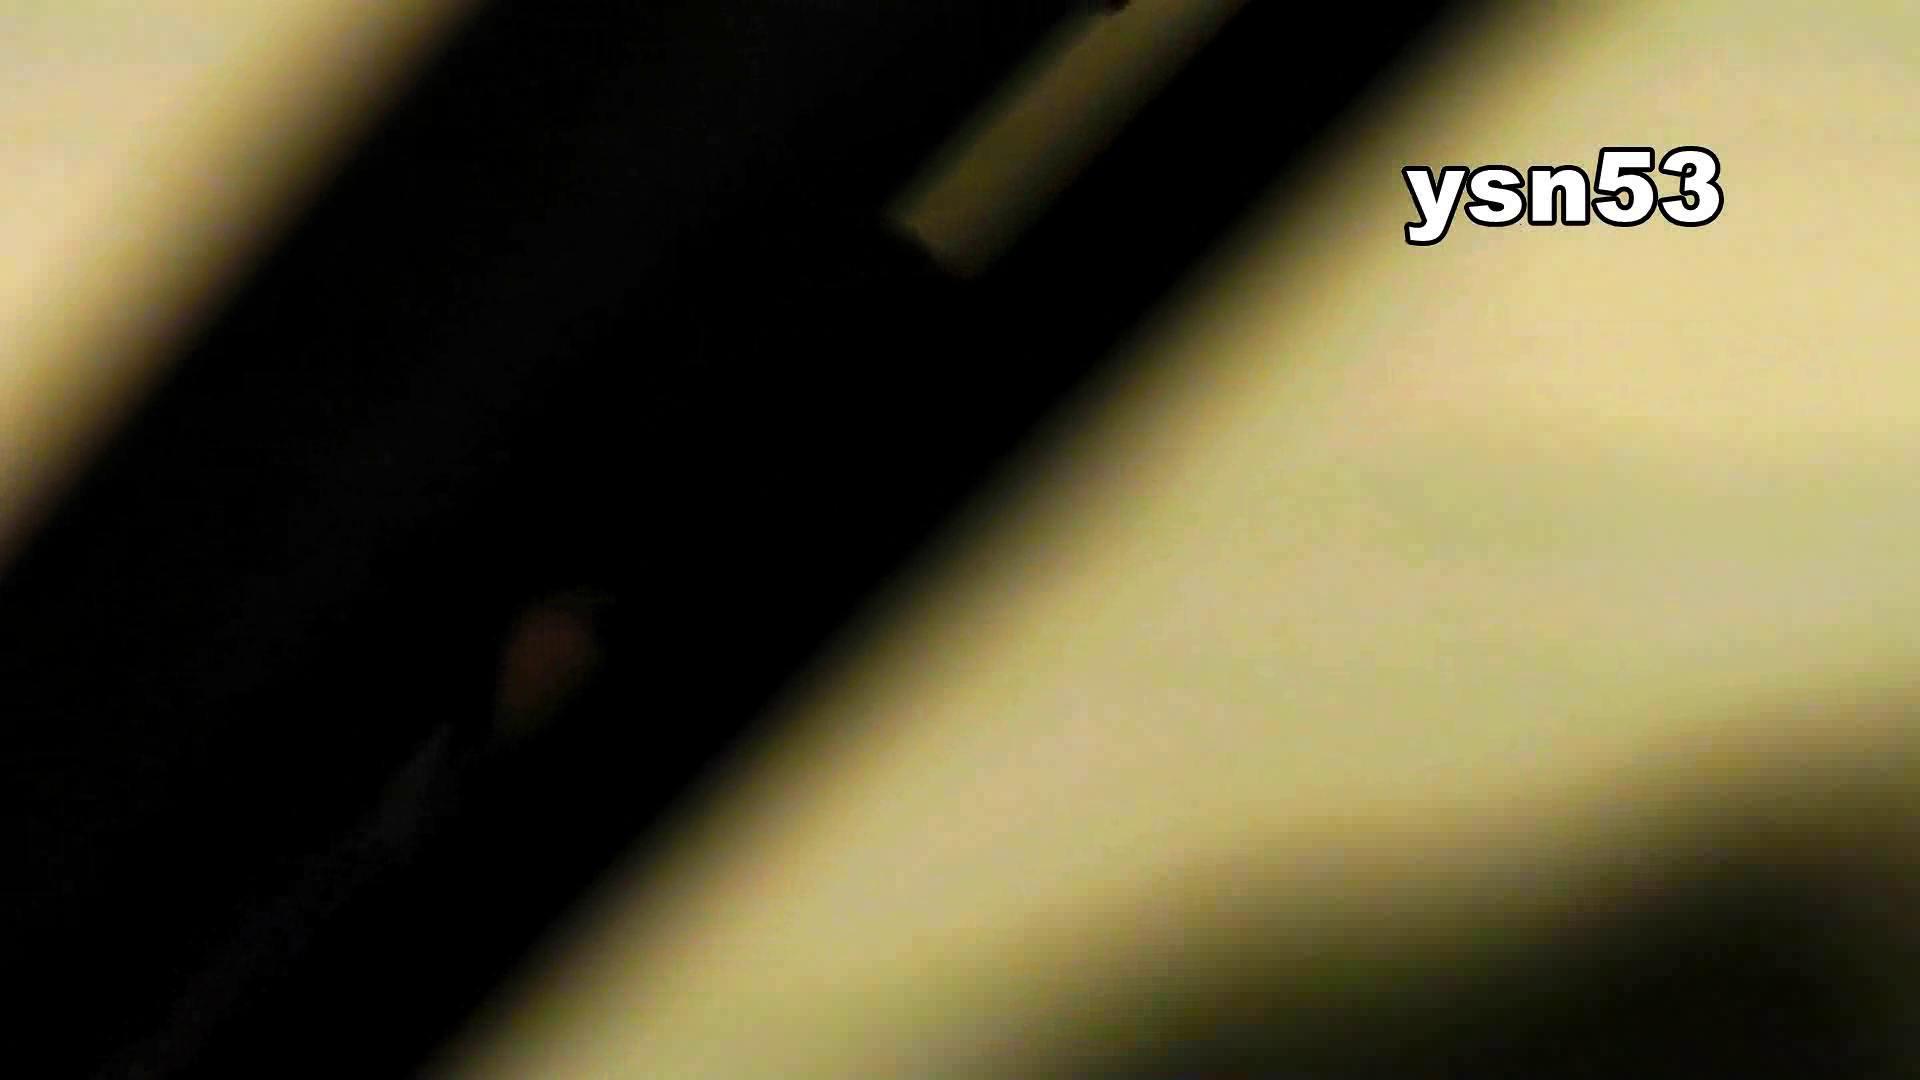 世界の射窓から vol.53 Yellowさん 丸見え  50PIX 46